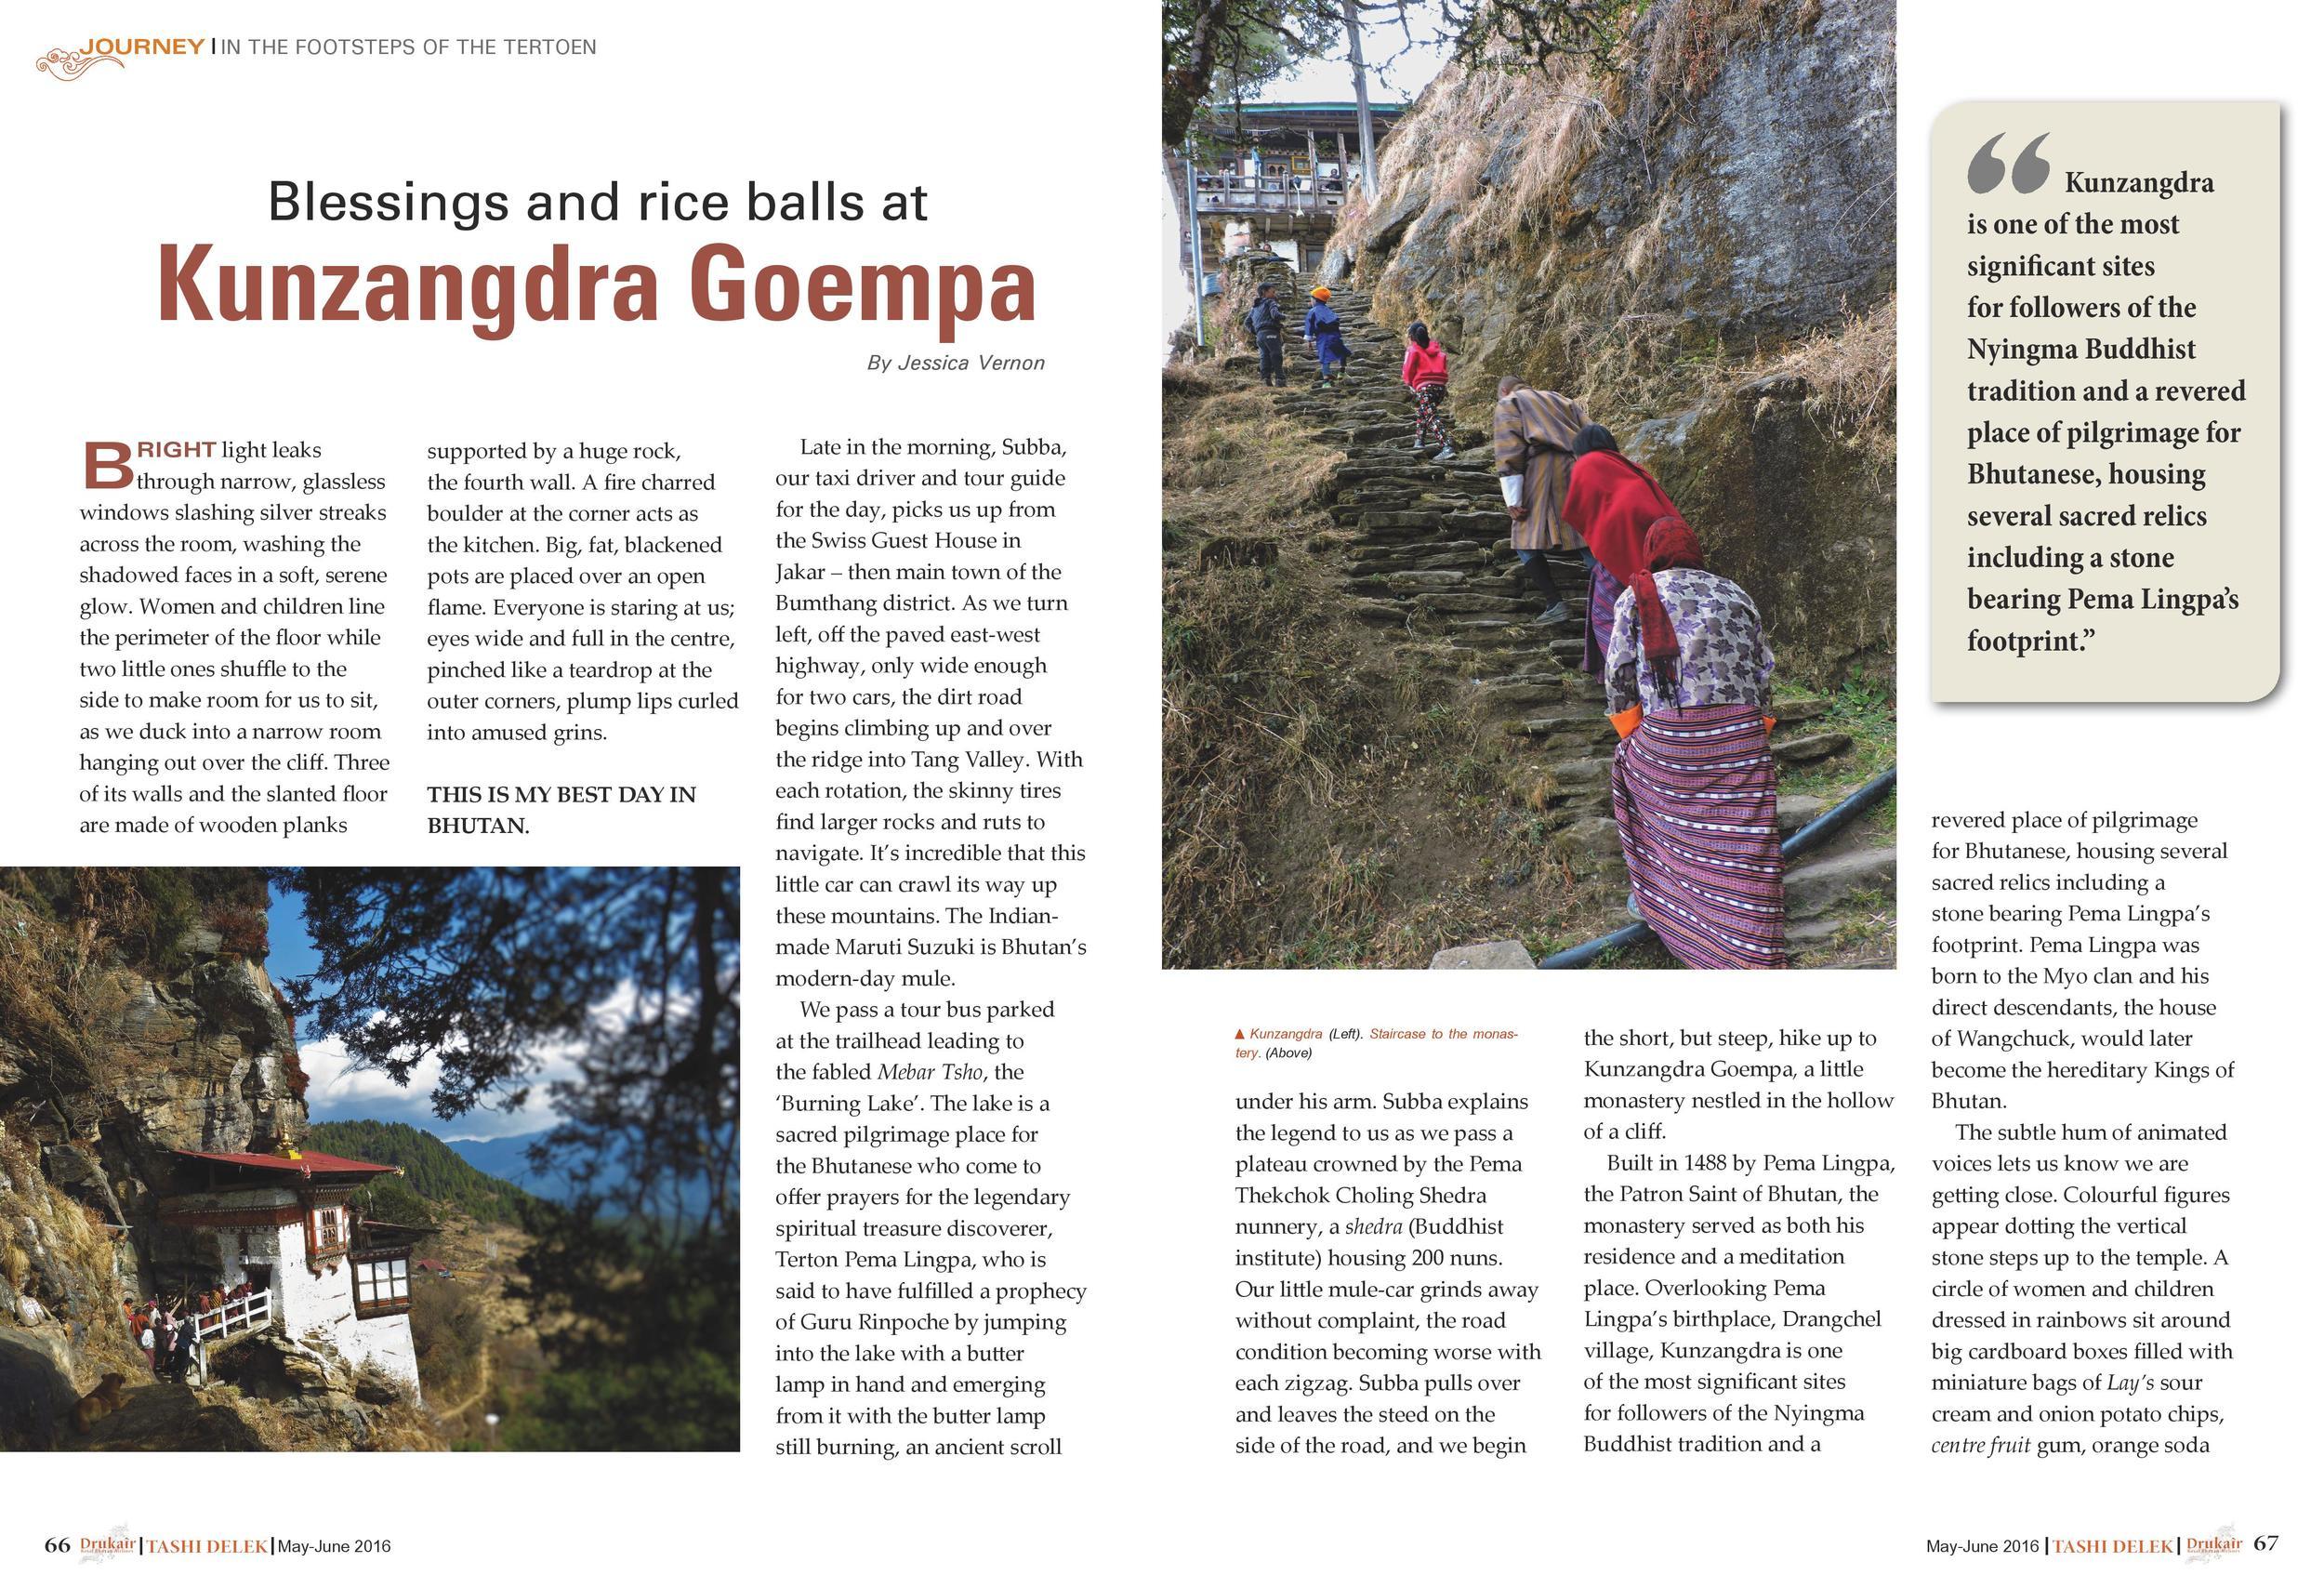 May/June 2016: Blessings and Rice Balls at Kunzangdra Goempa